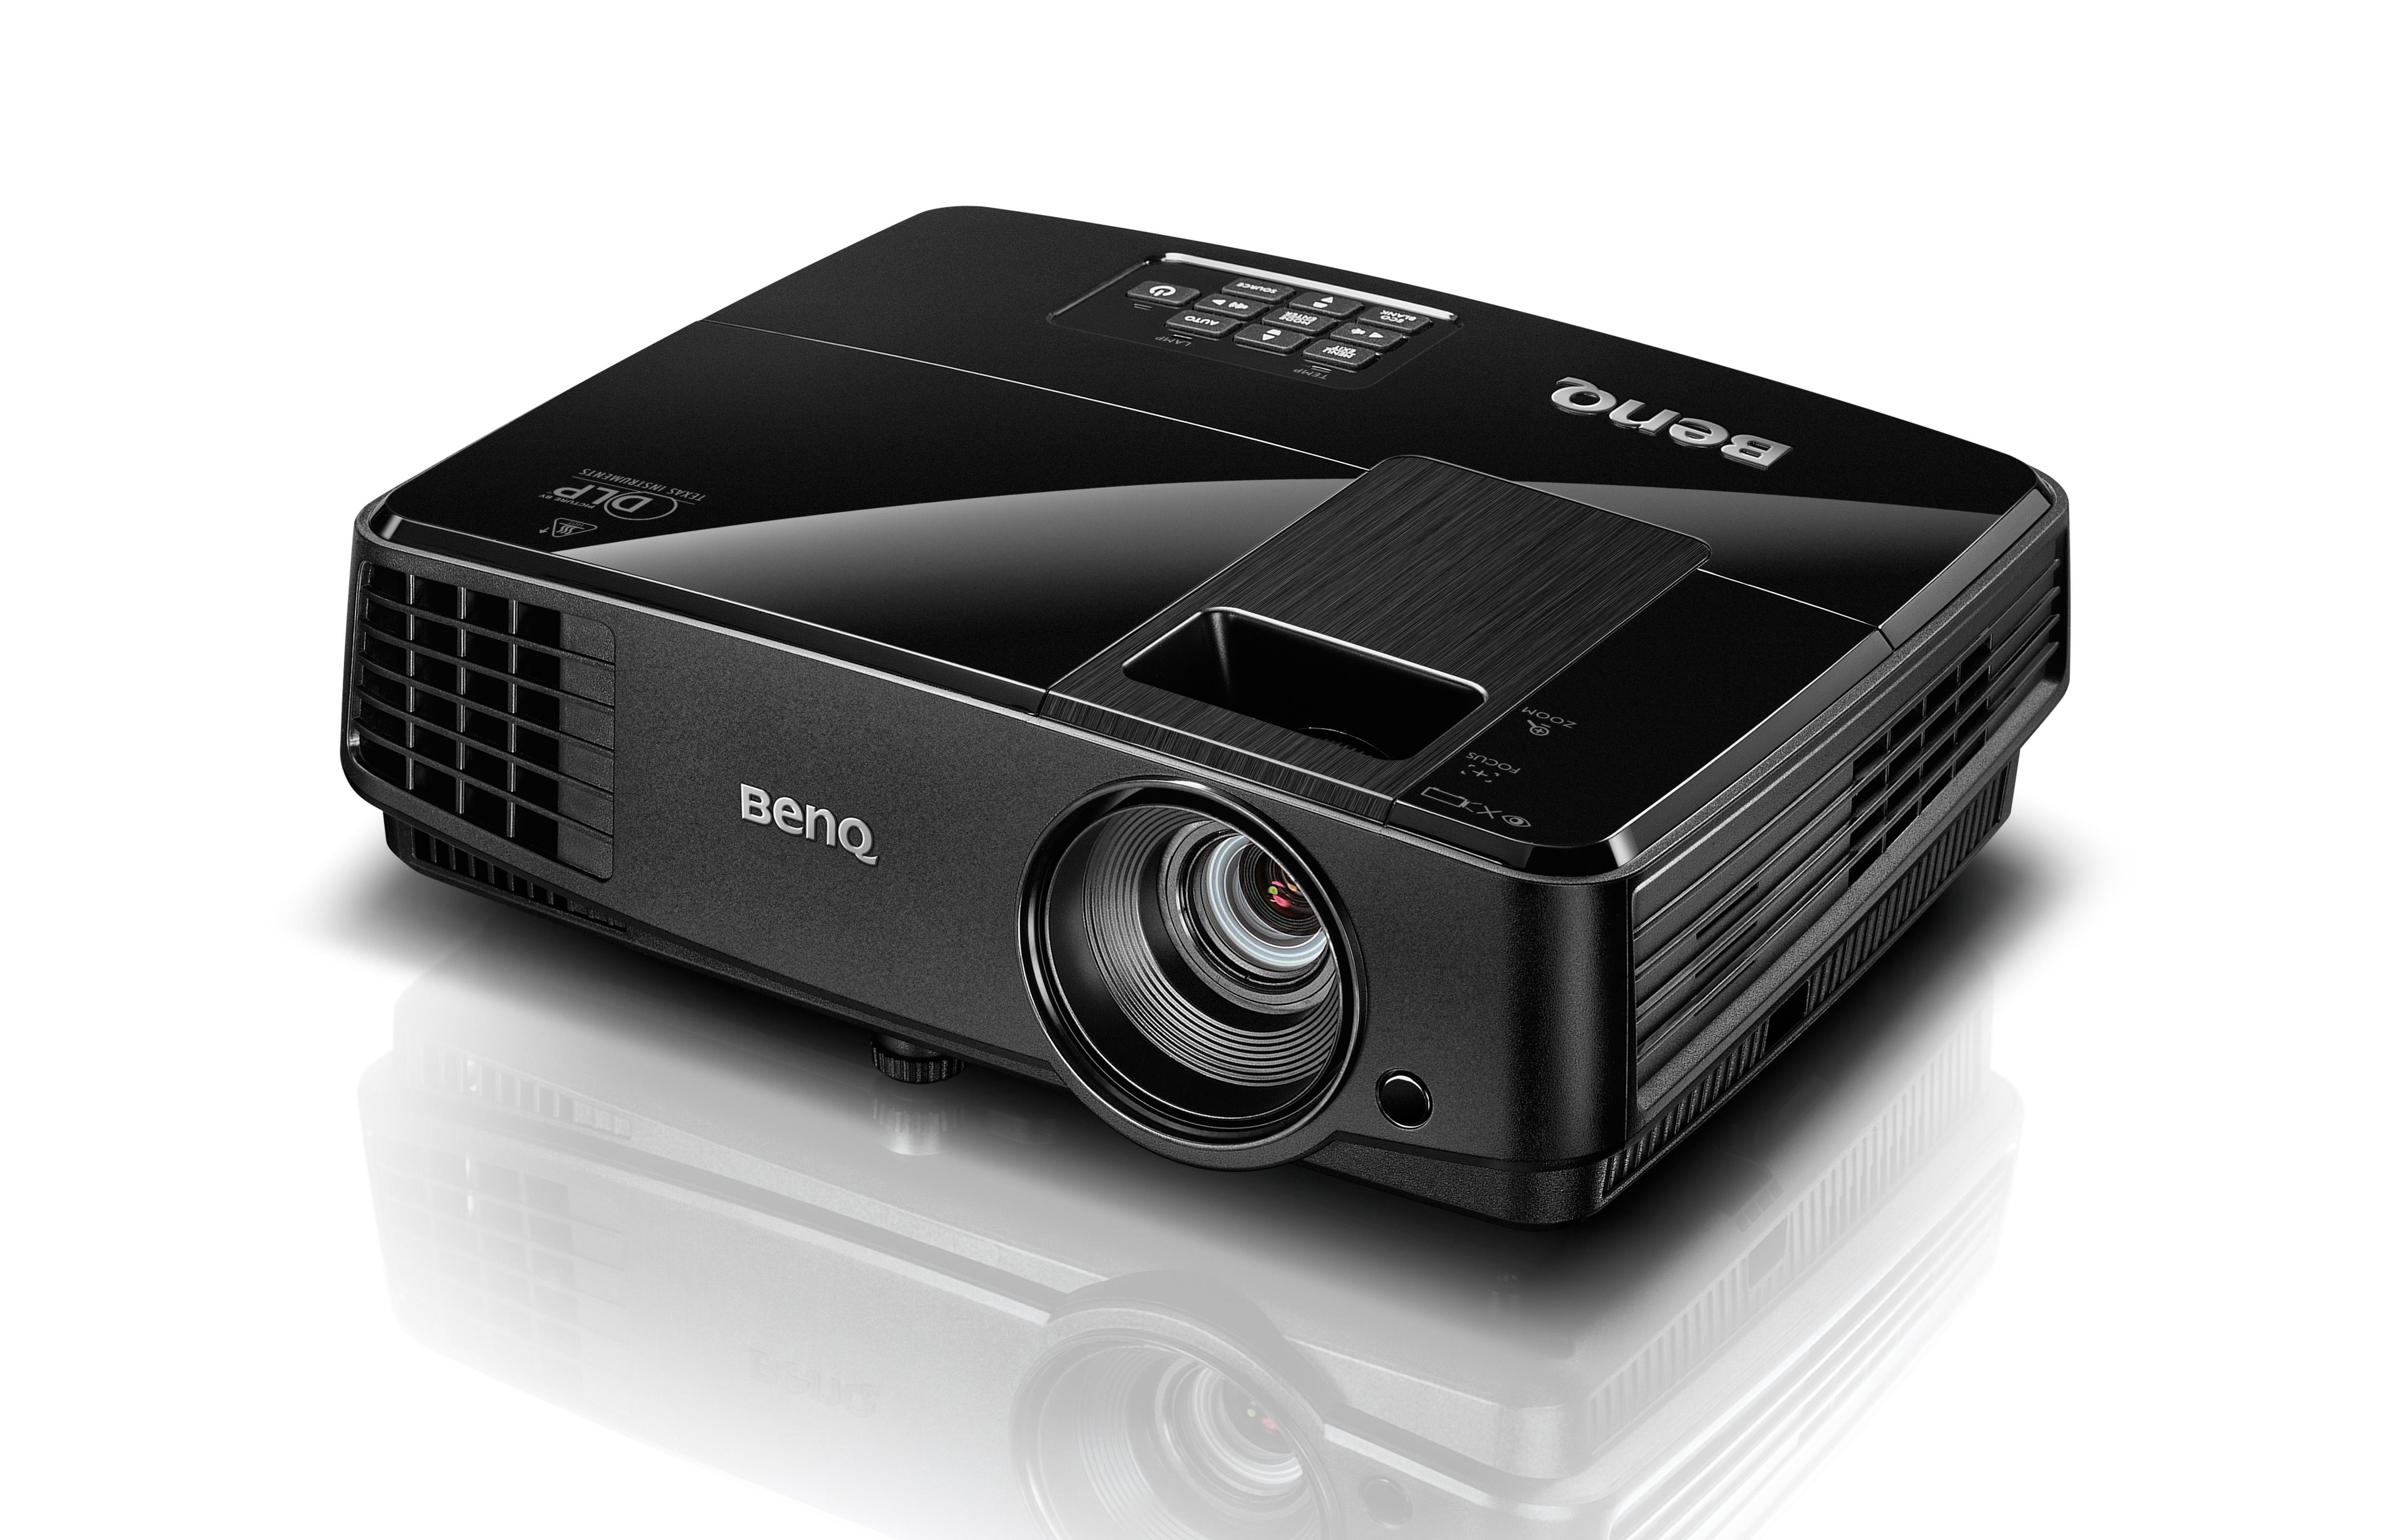 BENQ MS506, un proyector de 3200 lúmenes con gran tamaño